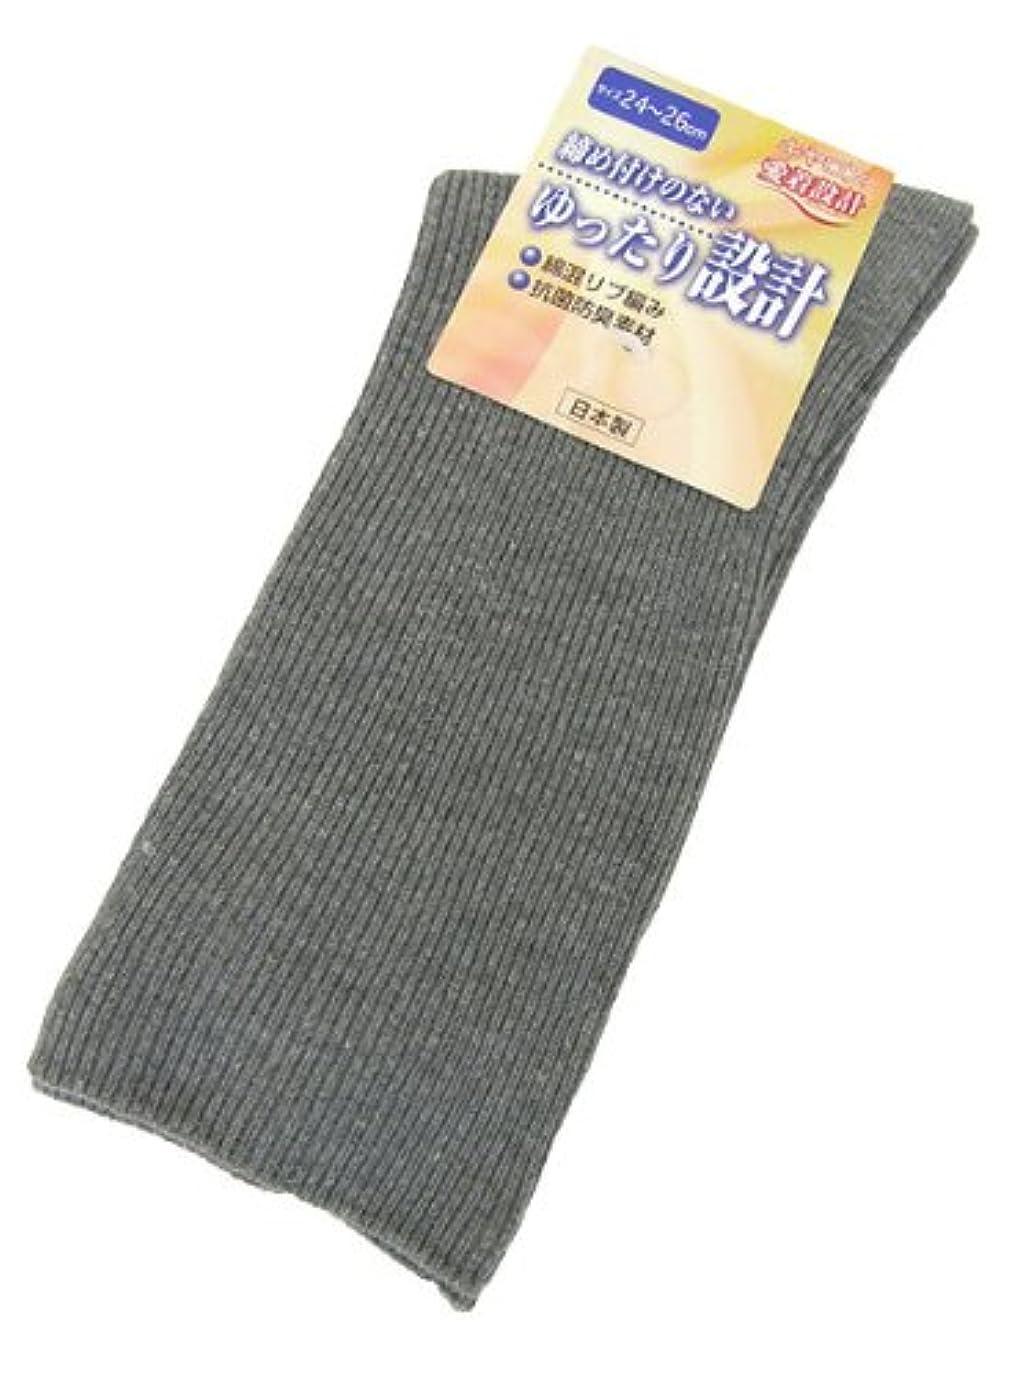 家具親愛な検査官ゆったり設計ソックス綿混リブ 紳士用 グレー